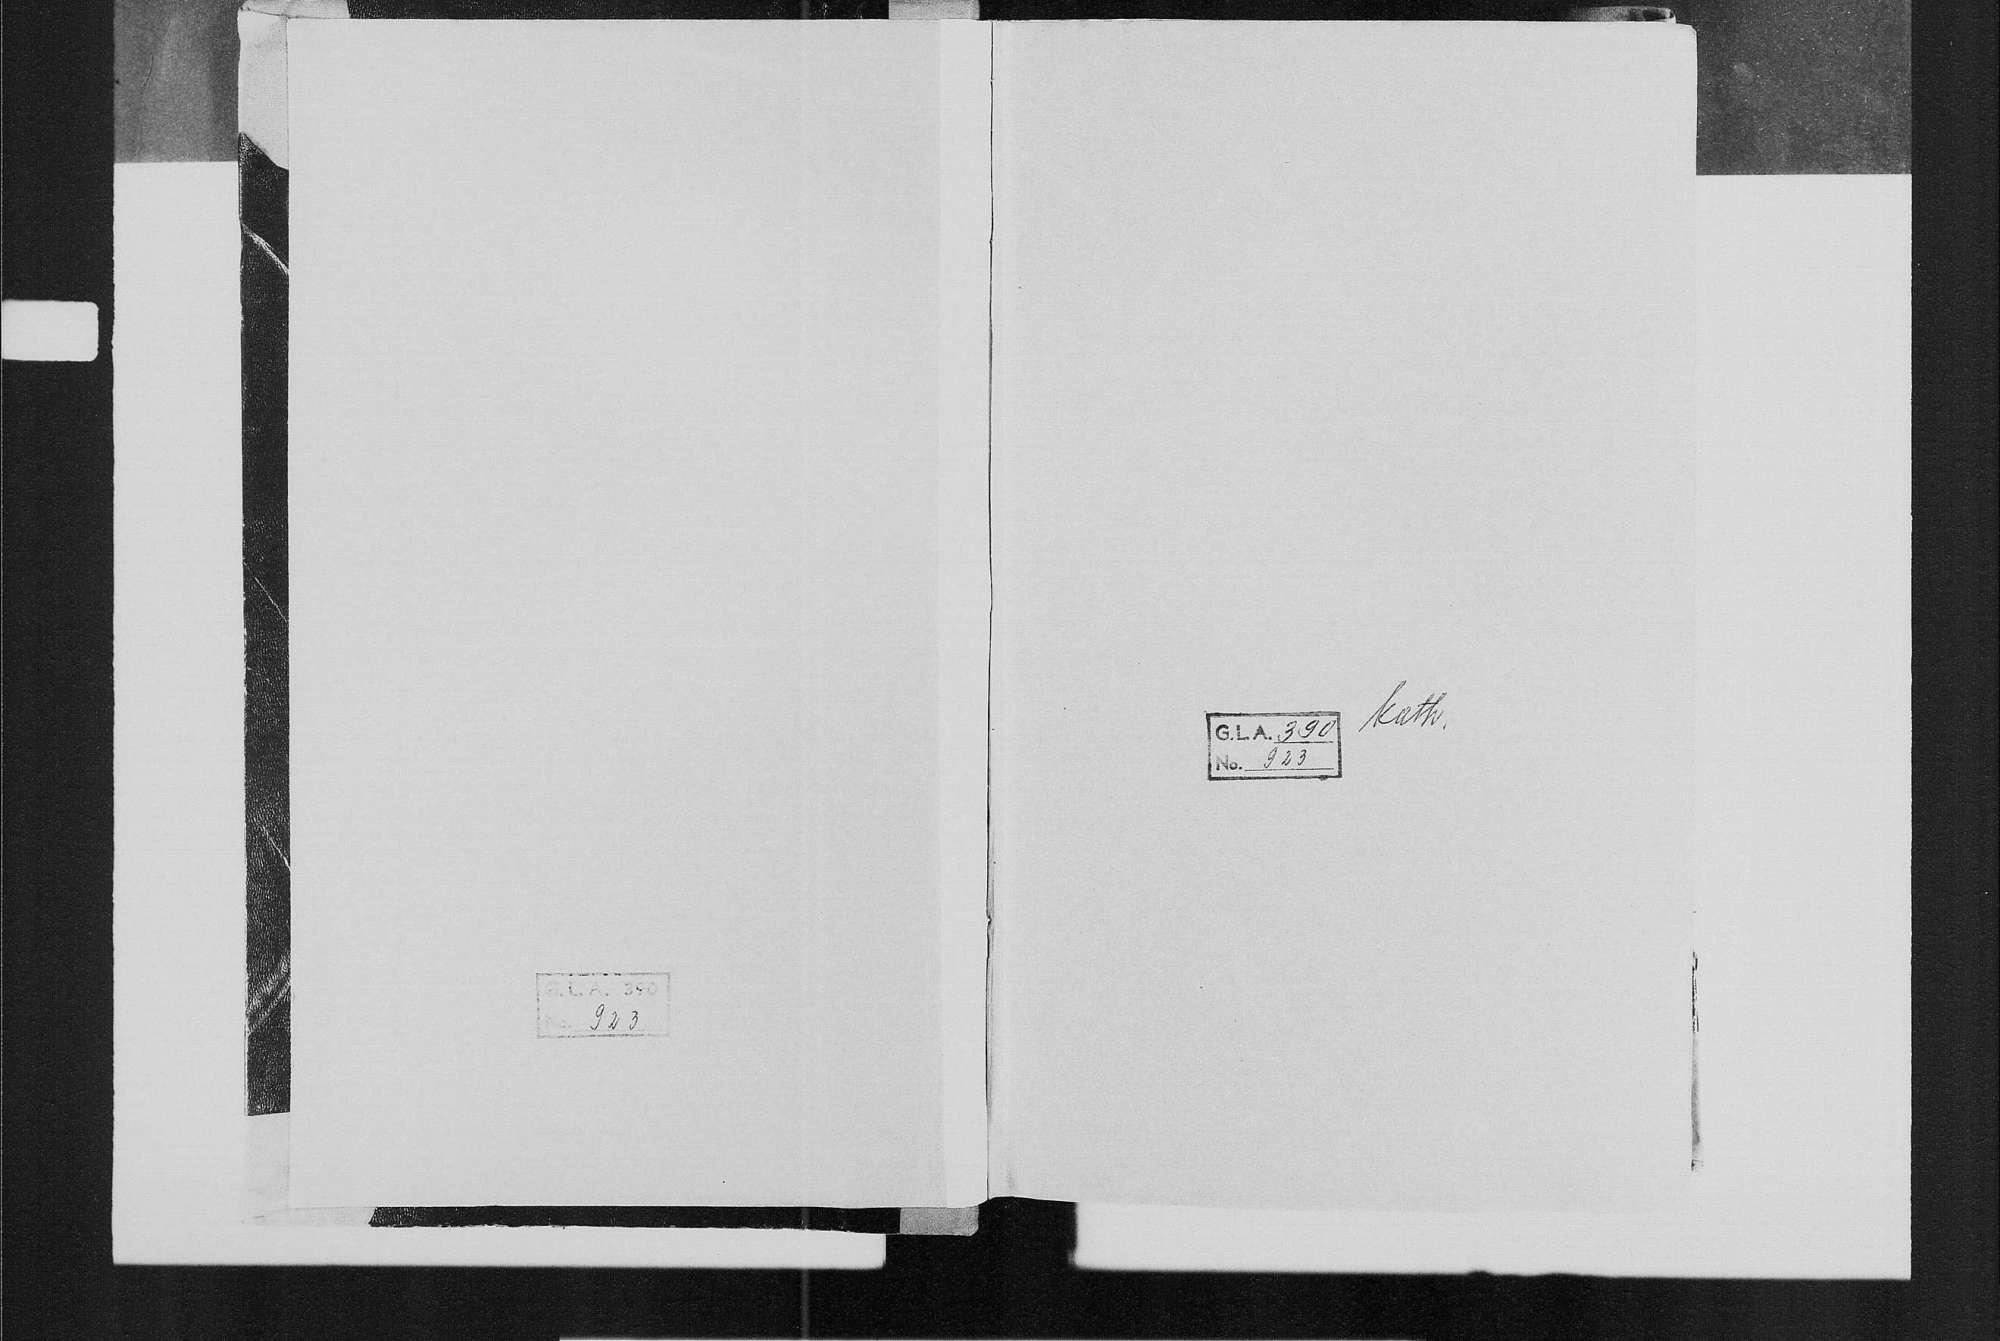 Ulm, katholische Gemeinde: Geburtenbuch 1810-1870, Bild 2